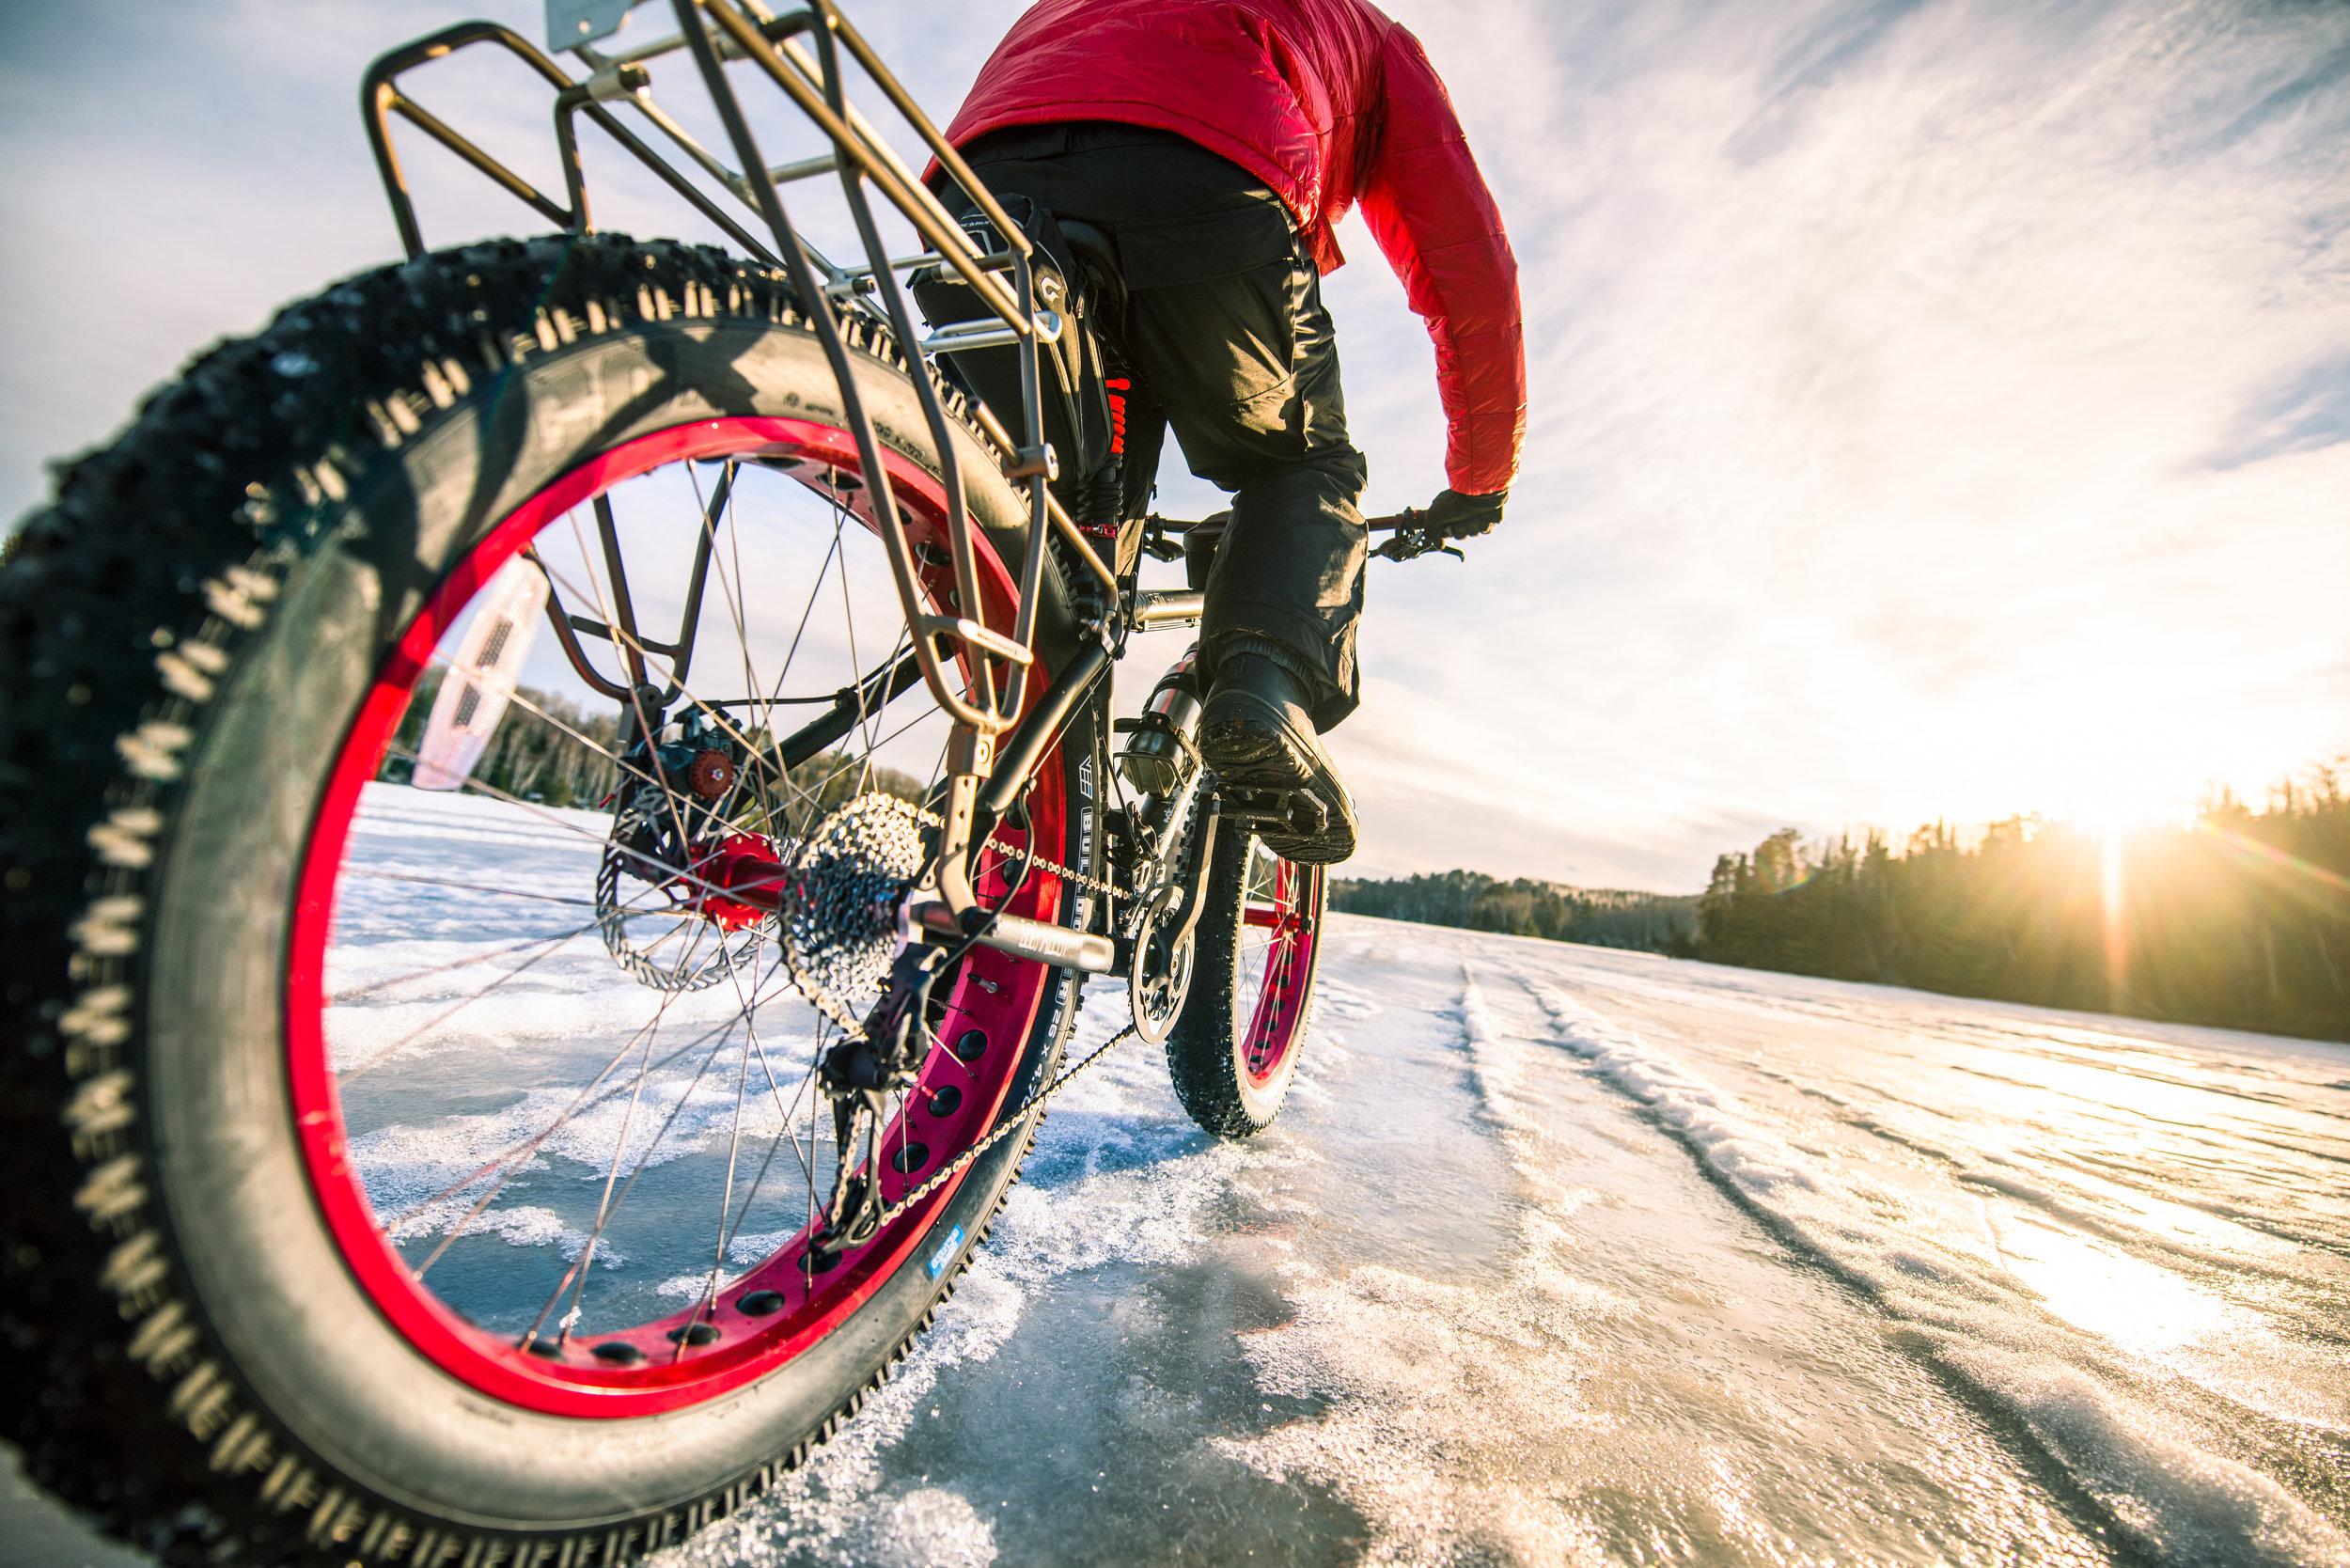 Bydlon_bikepacking-.jpg